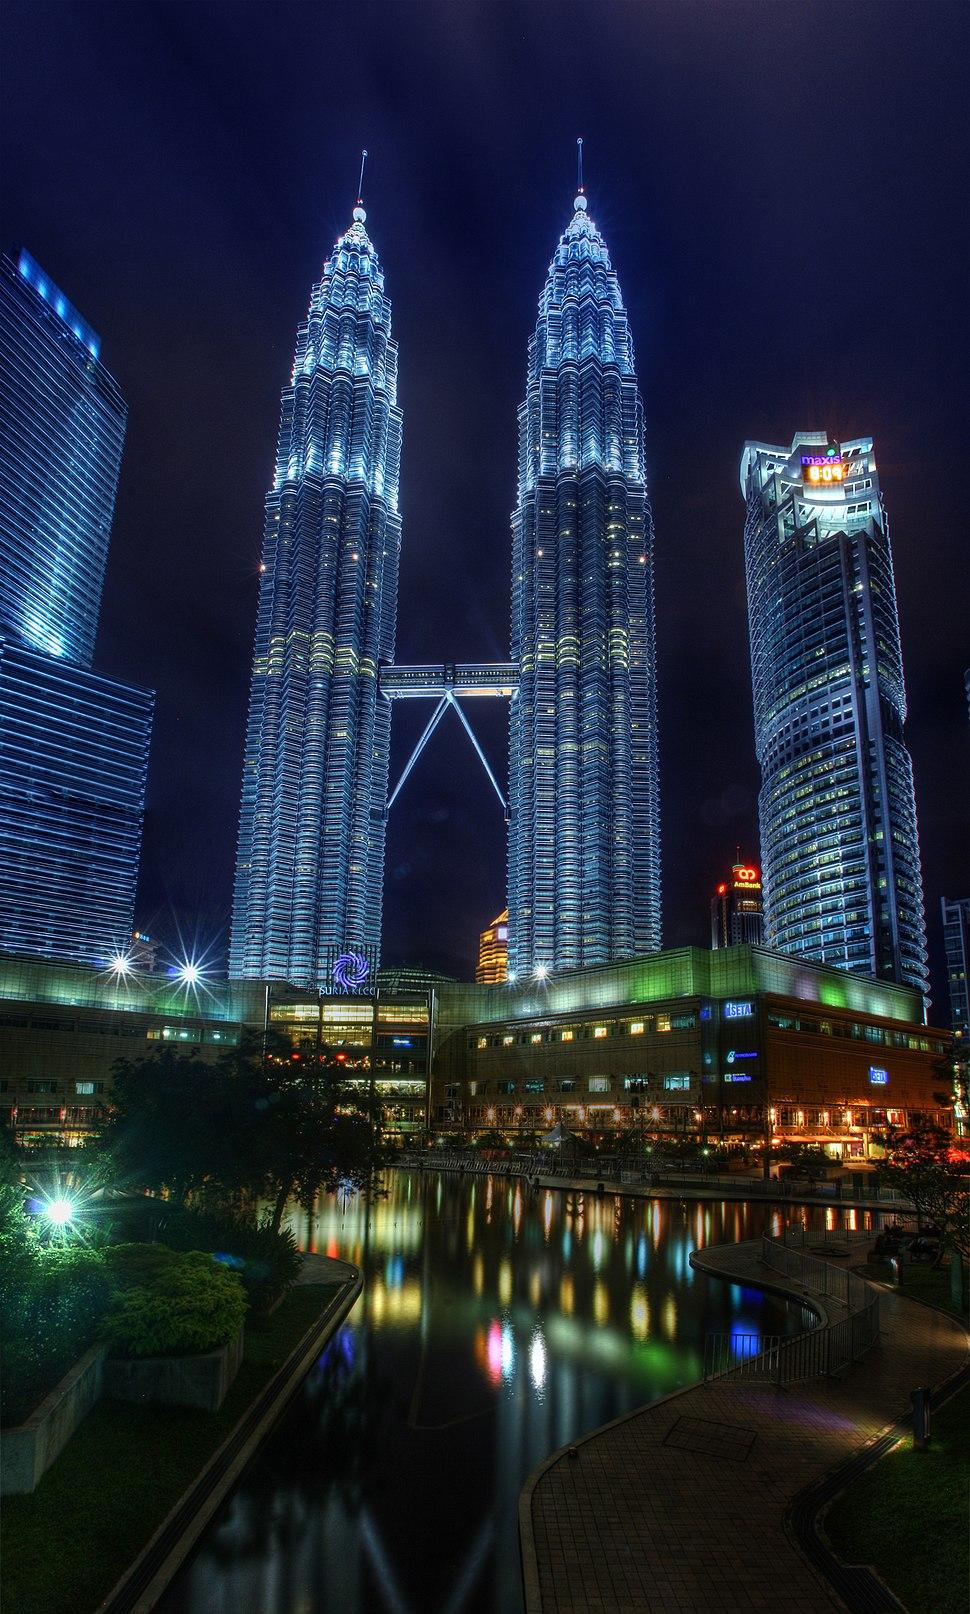 The Petronas Twin Towers & KLCC Park